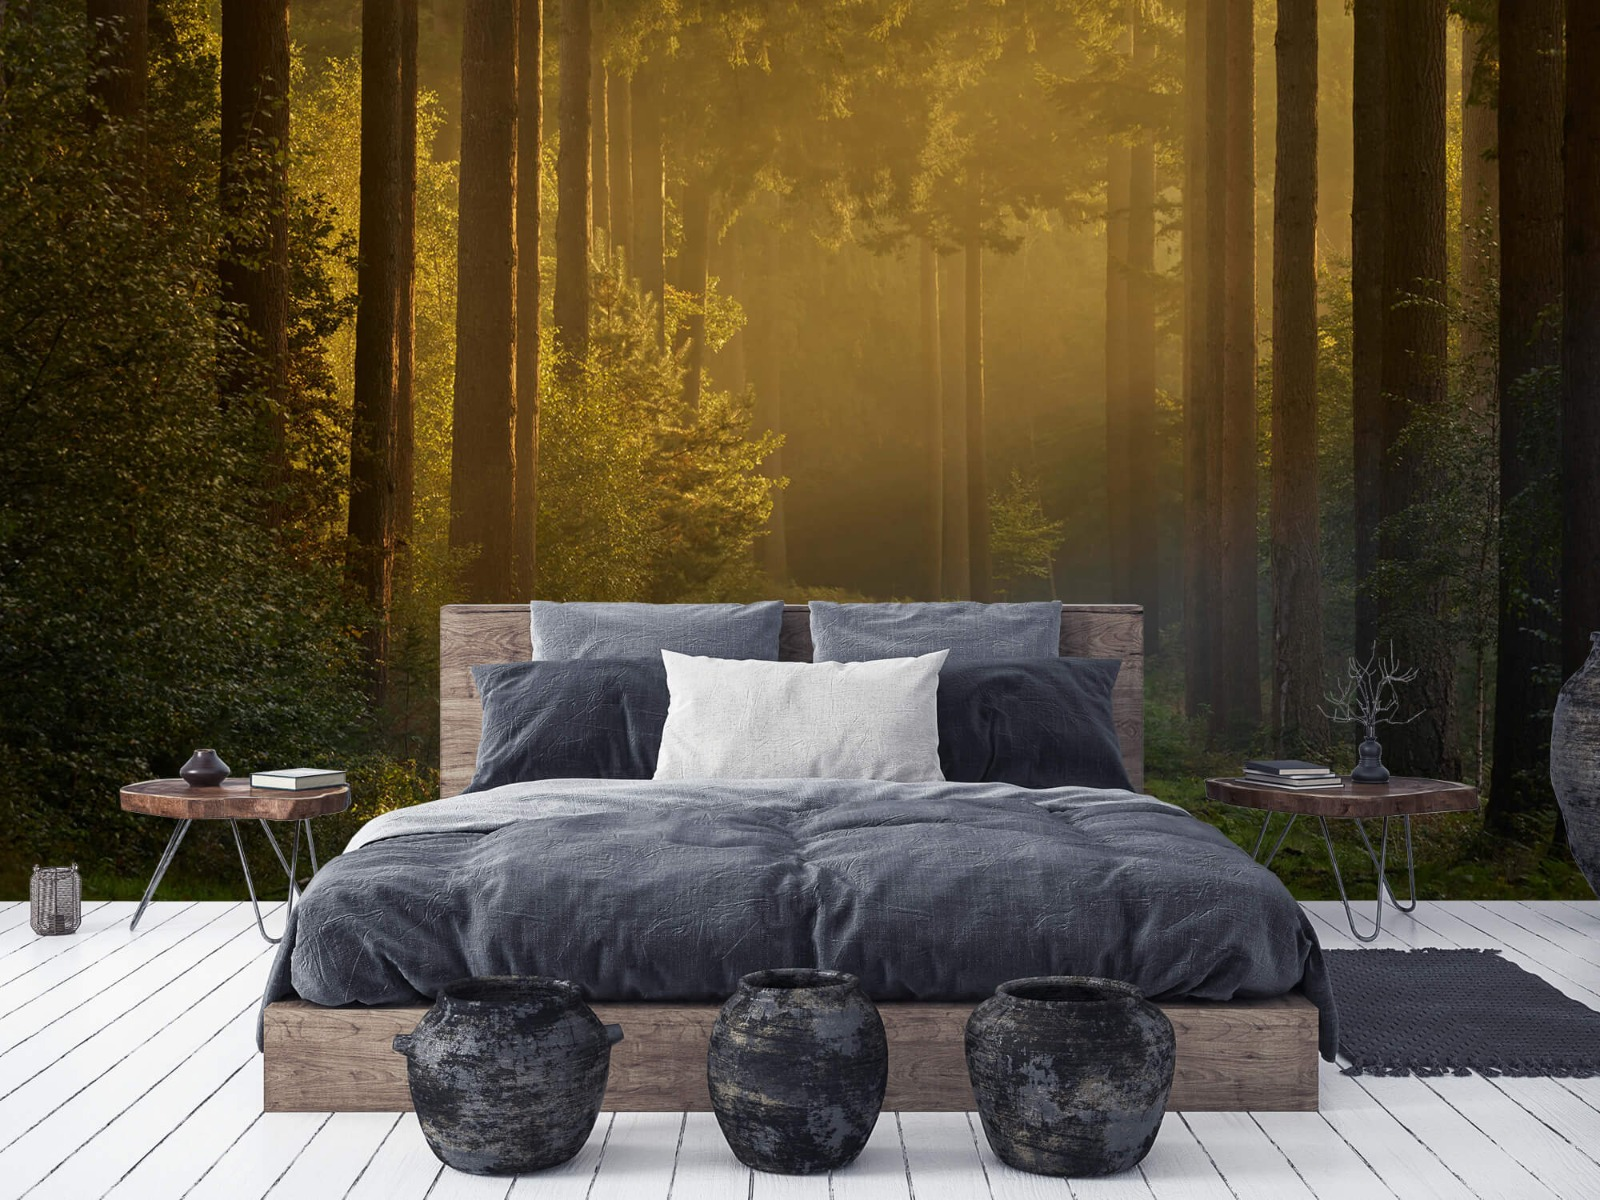 Natuur - Zonsopkomst bij weg door het bos 7